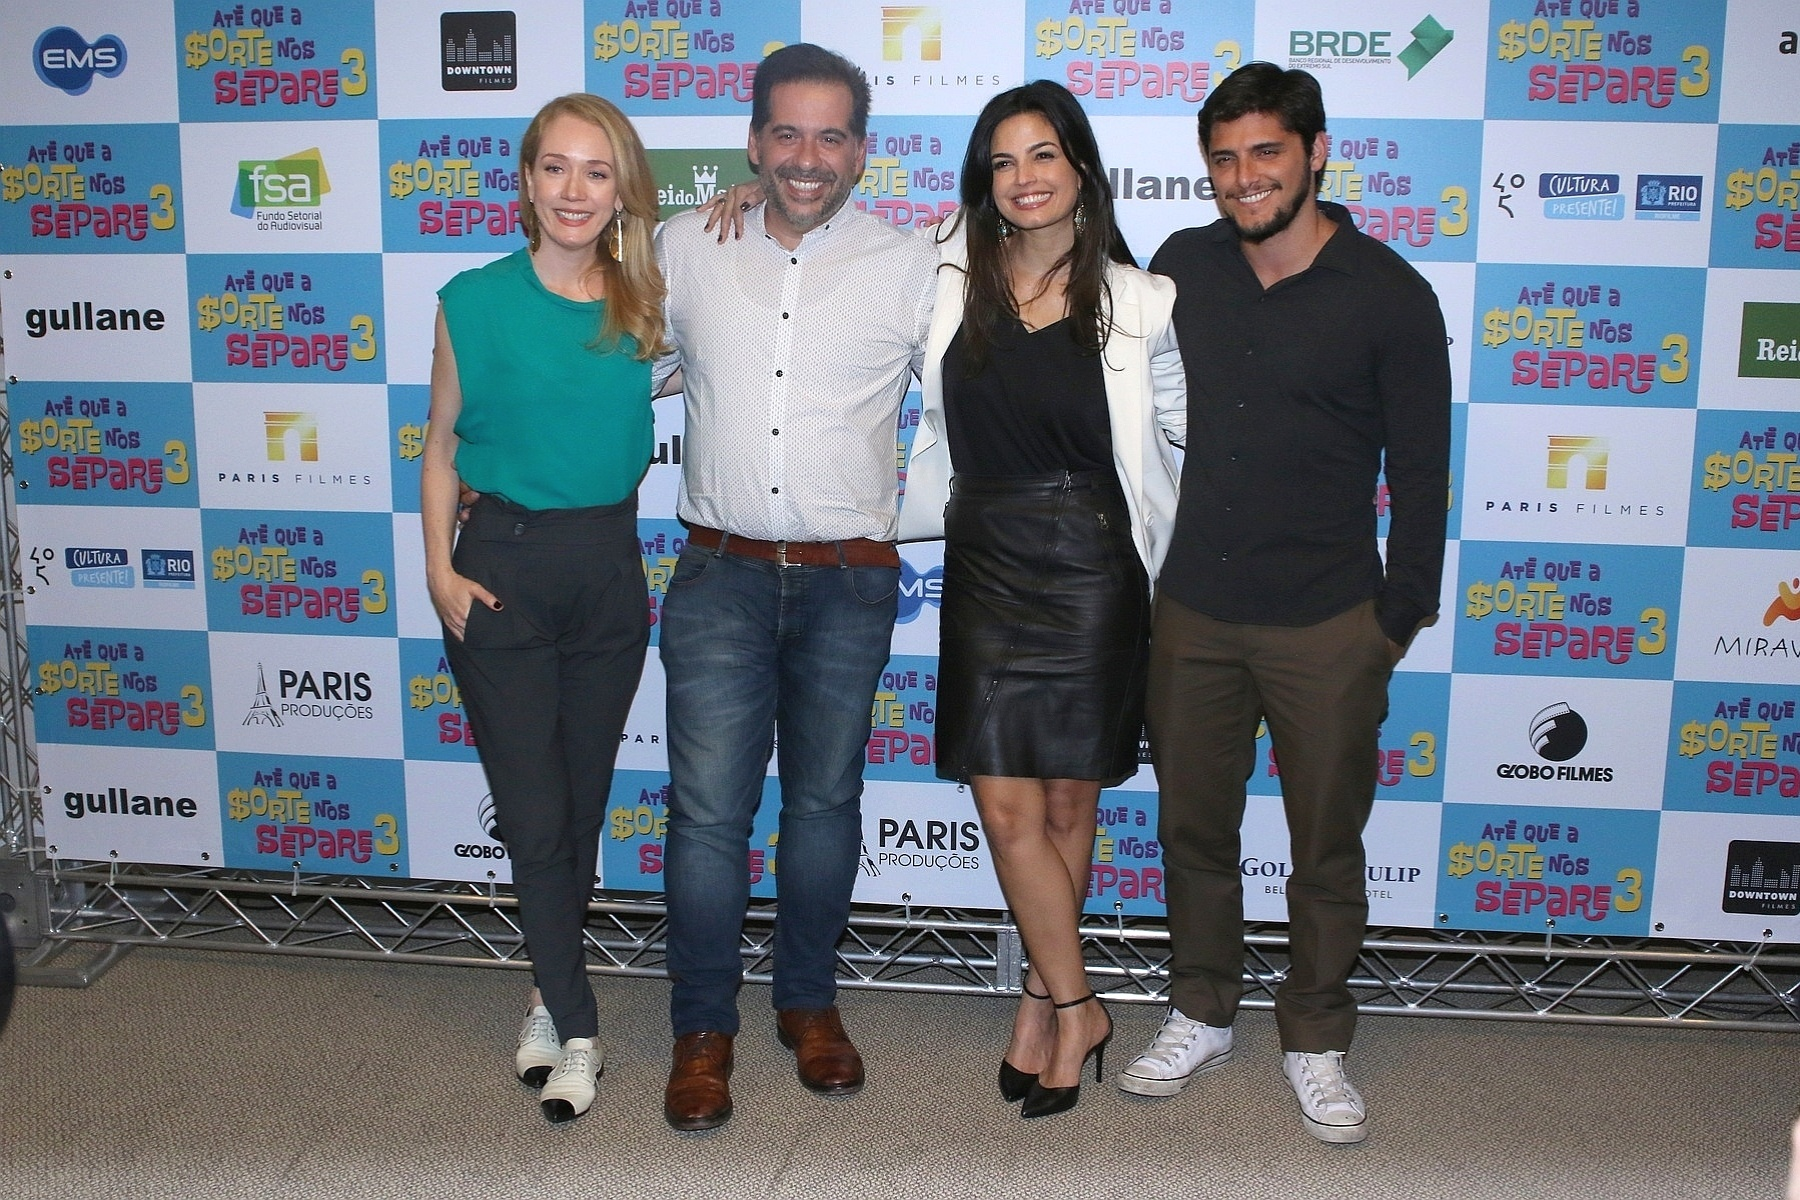 DUBLADO SEPARE GRATIS FILME BAIXAR ATE QUE A SORTE NOS